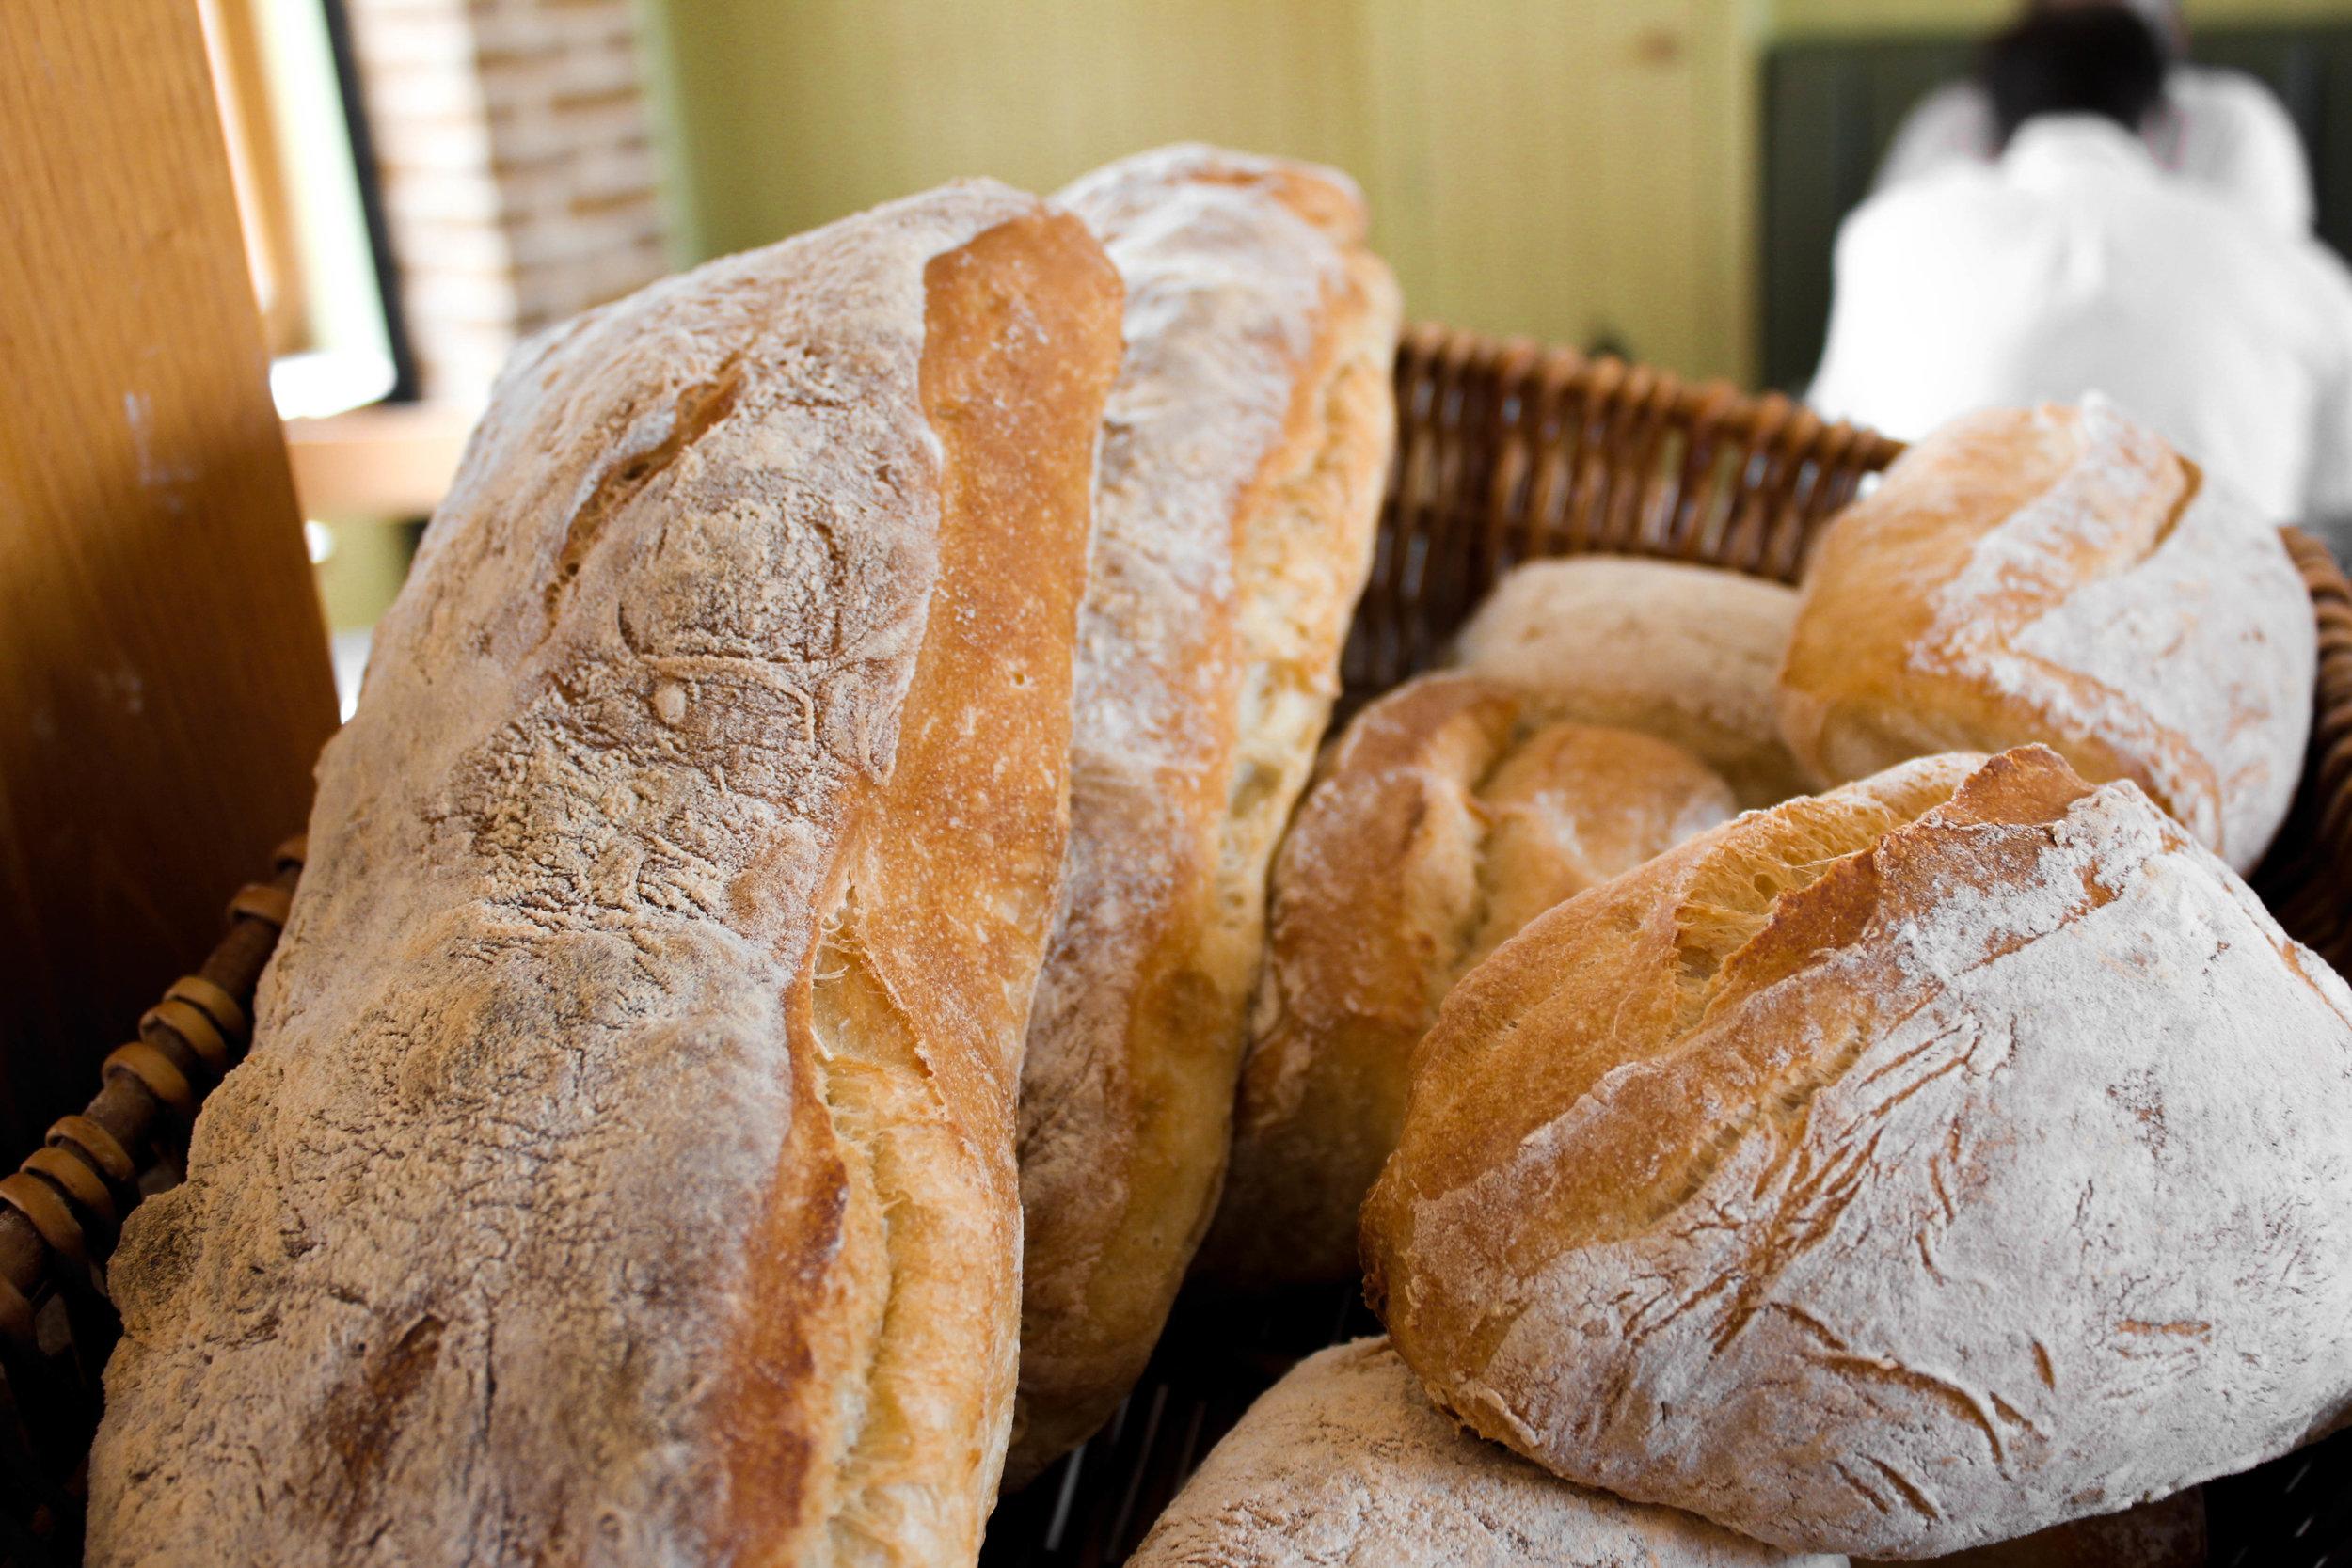 Freshly baked handmade bread.